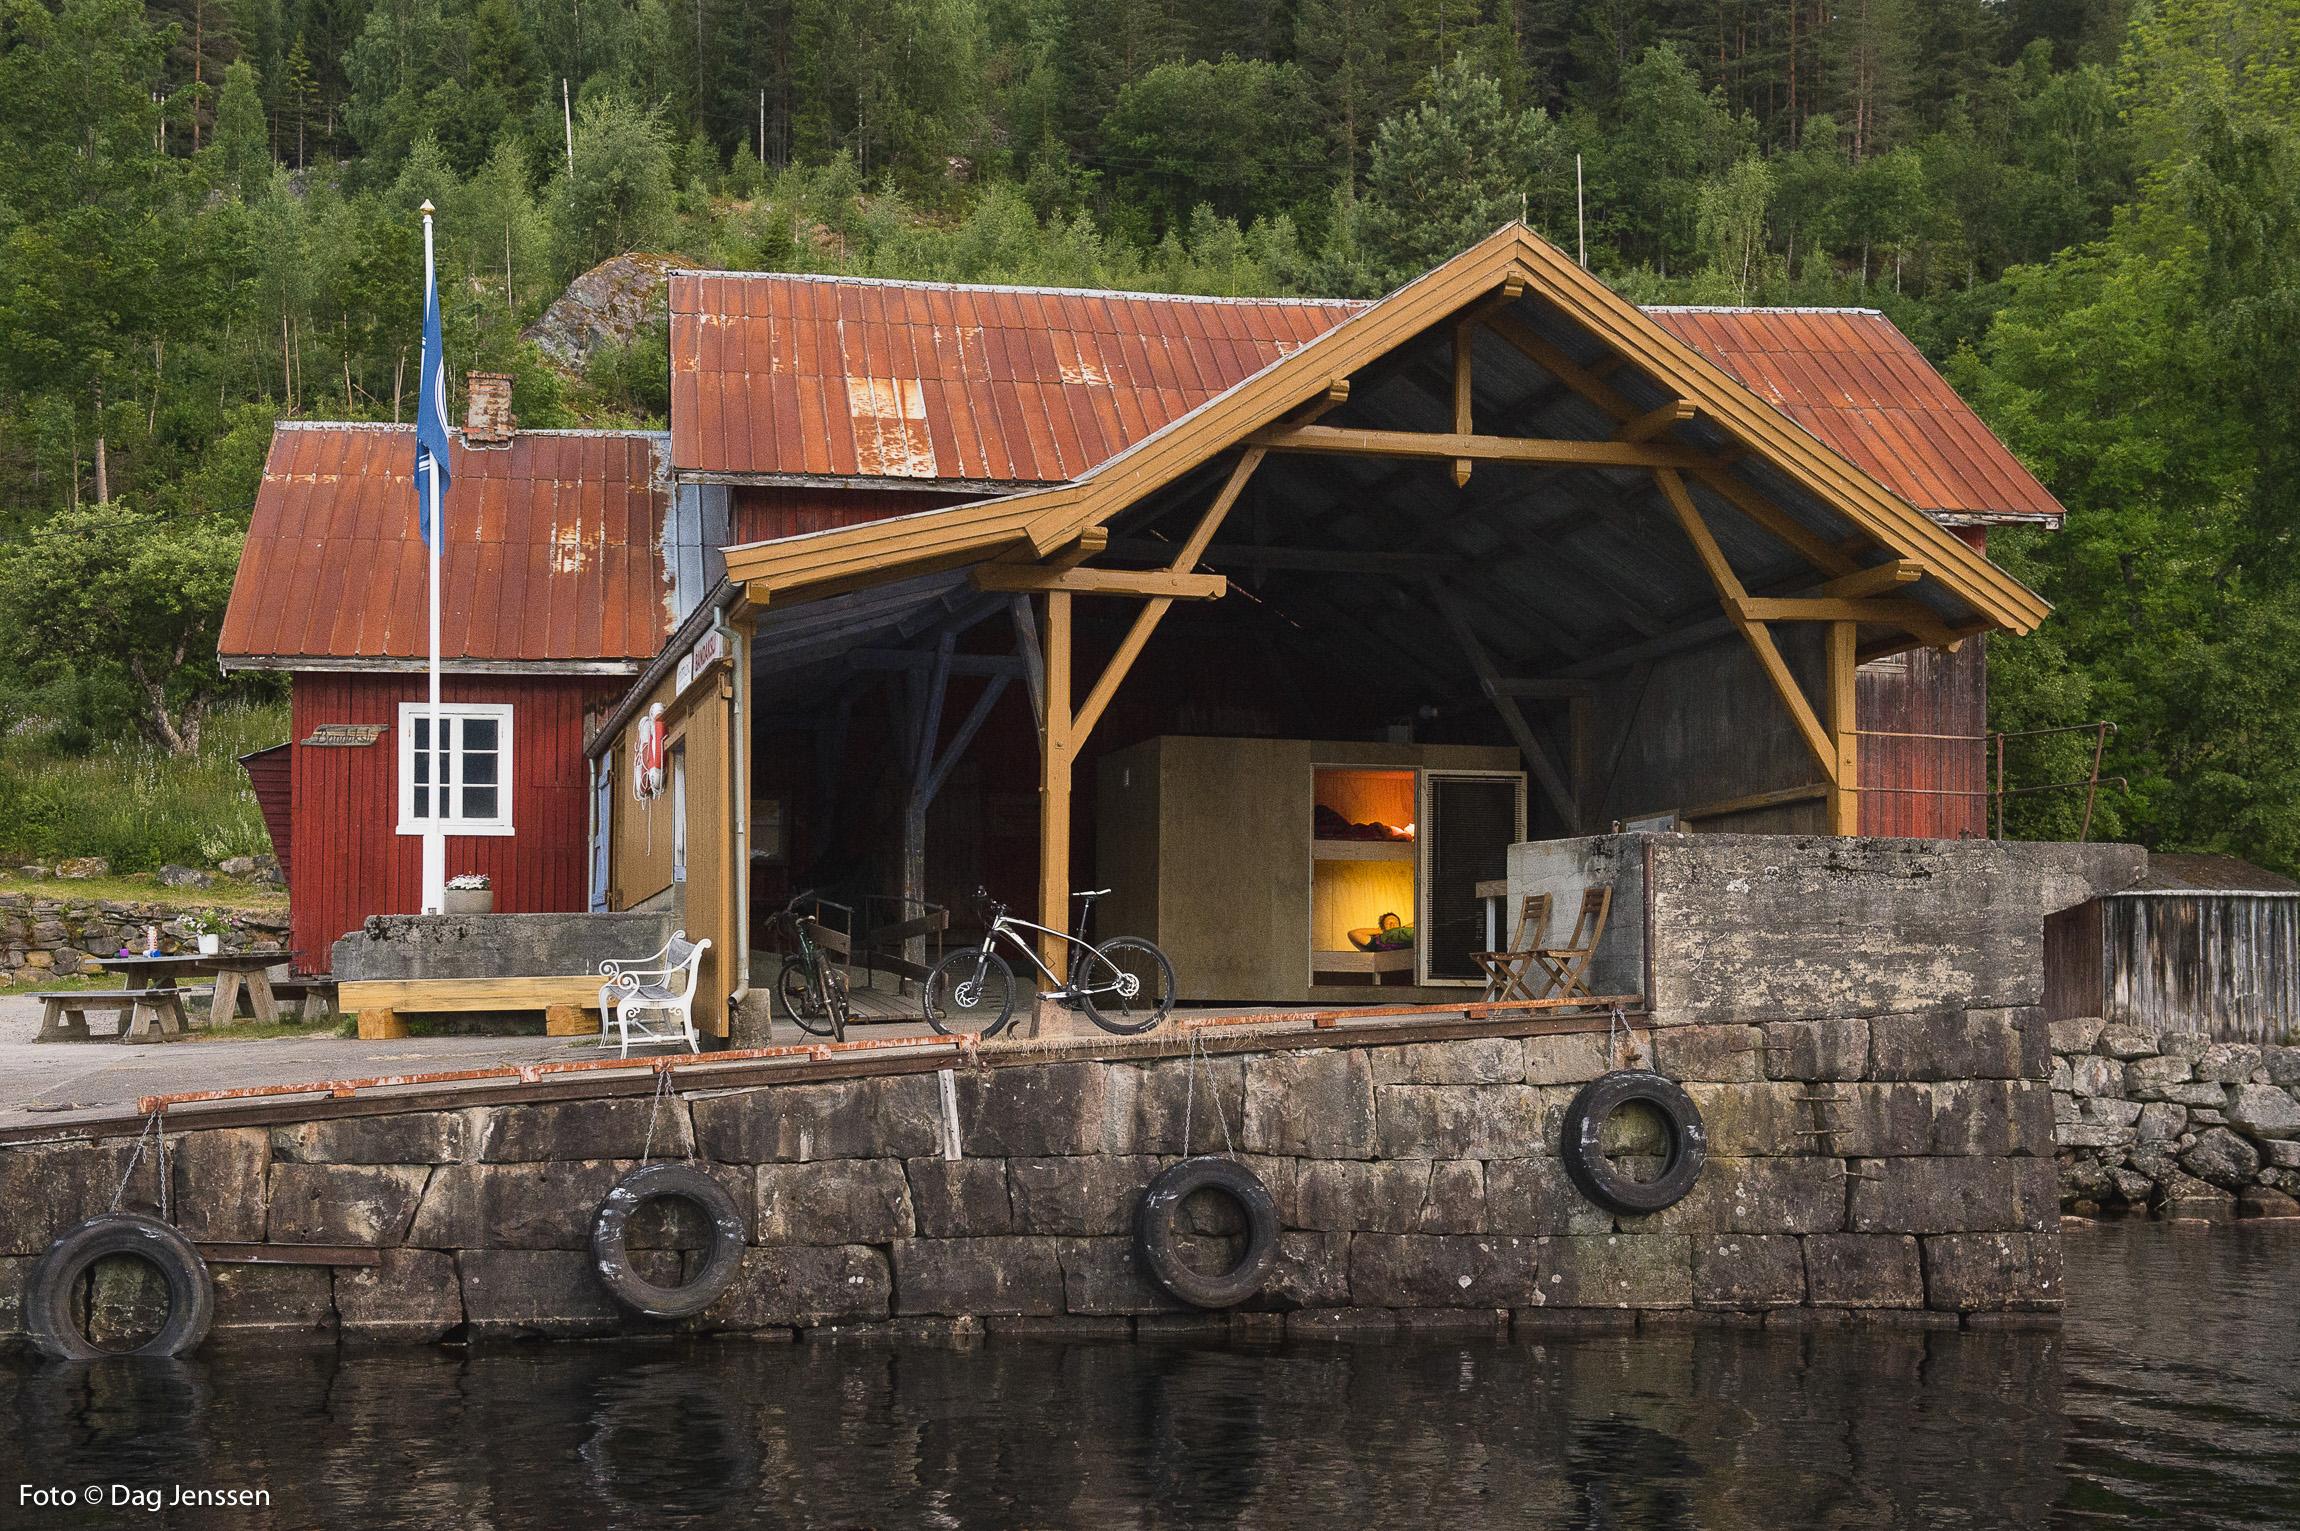 Pakkhuset på Bandaksli brygge, med soveboks. Foto:Dag Jenssen